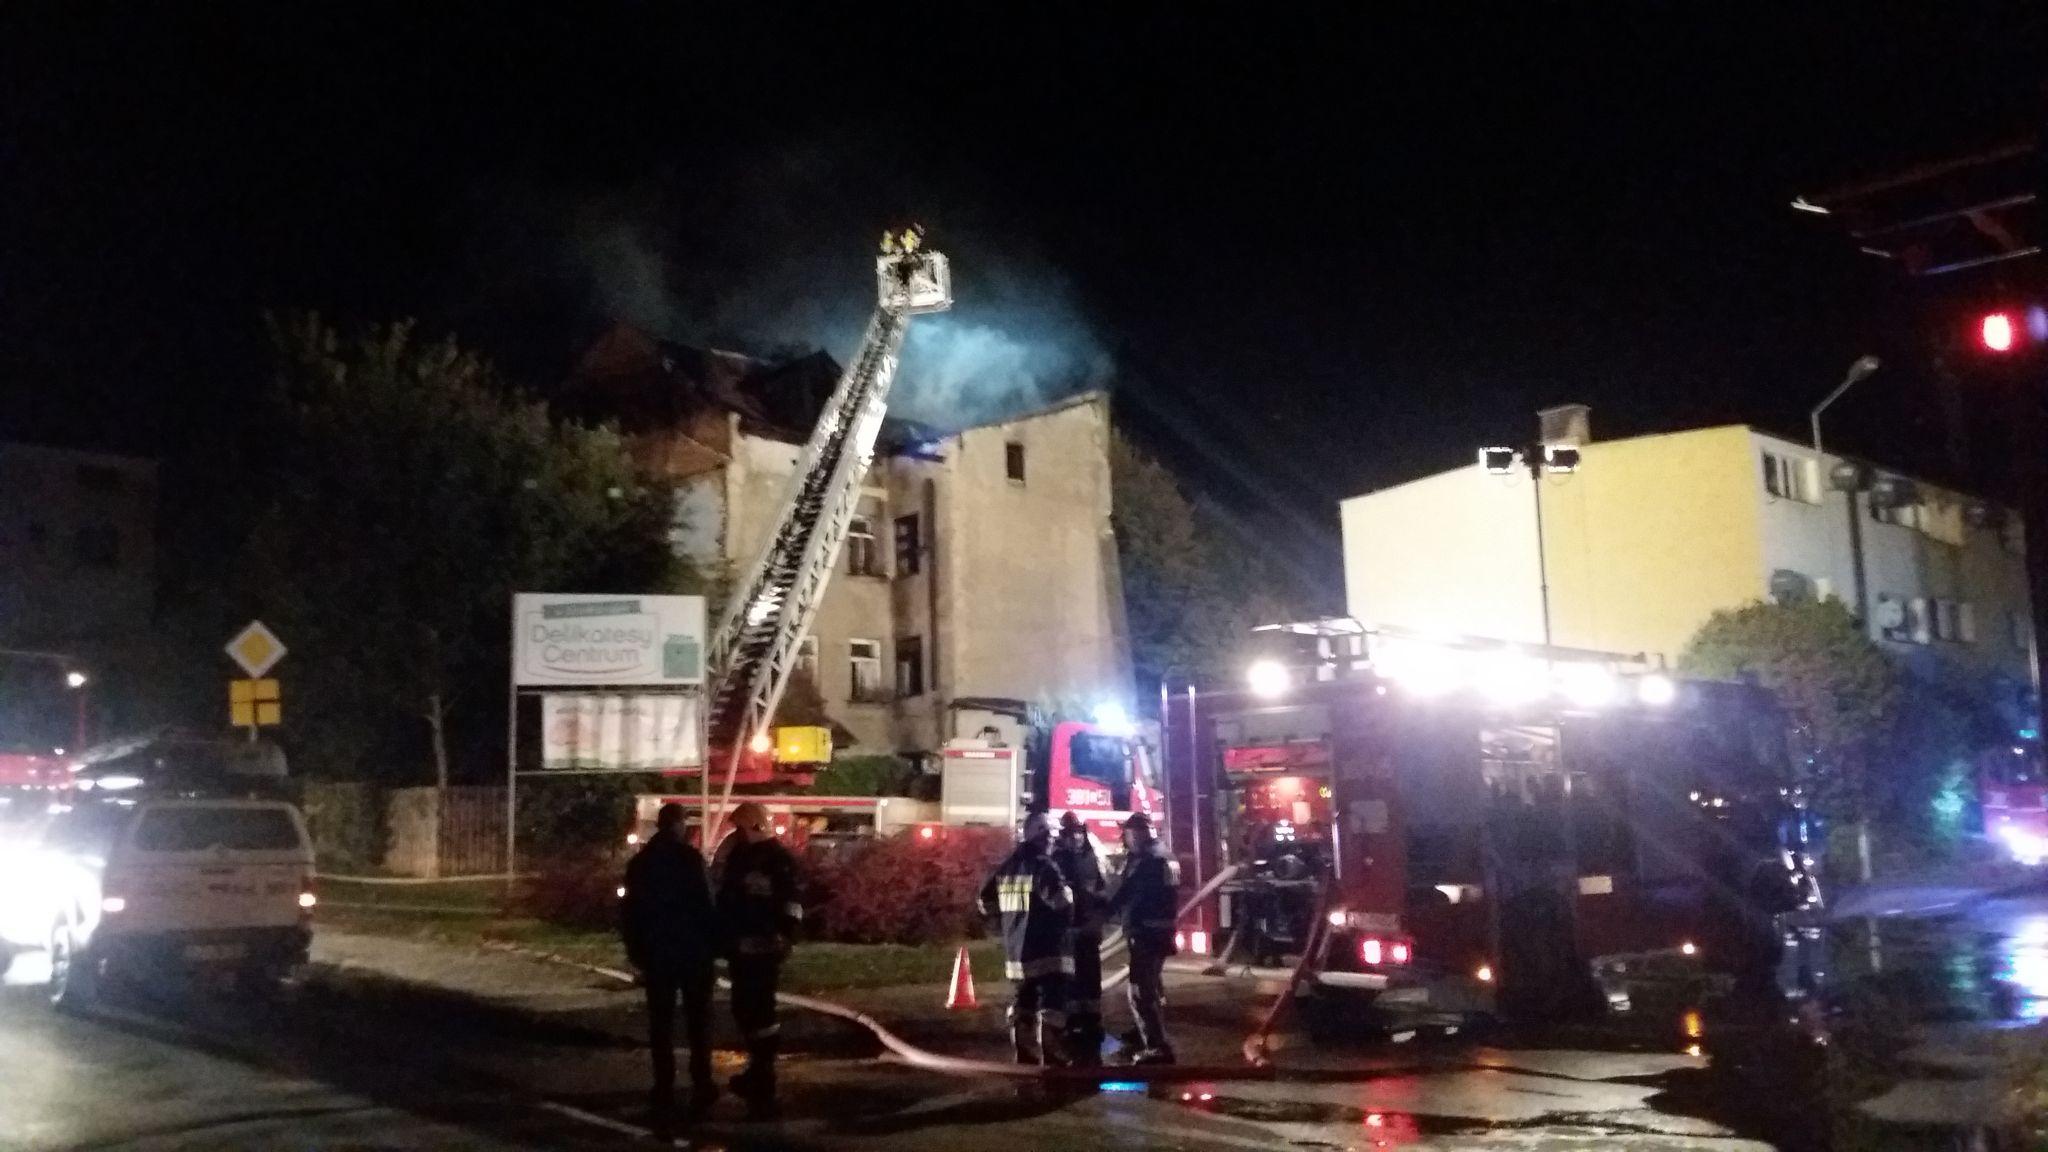 20191002 001646 Pożar budynku (zdjęcia)